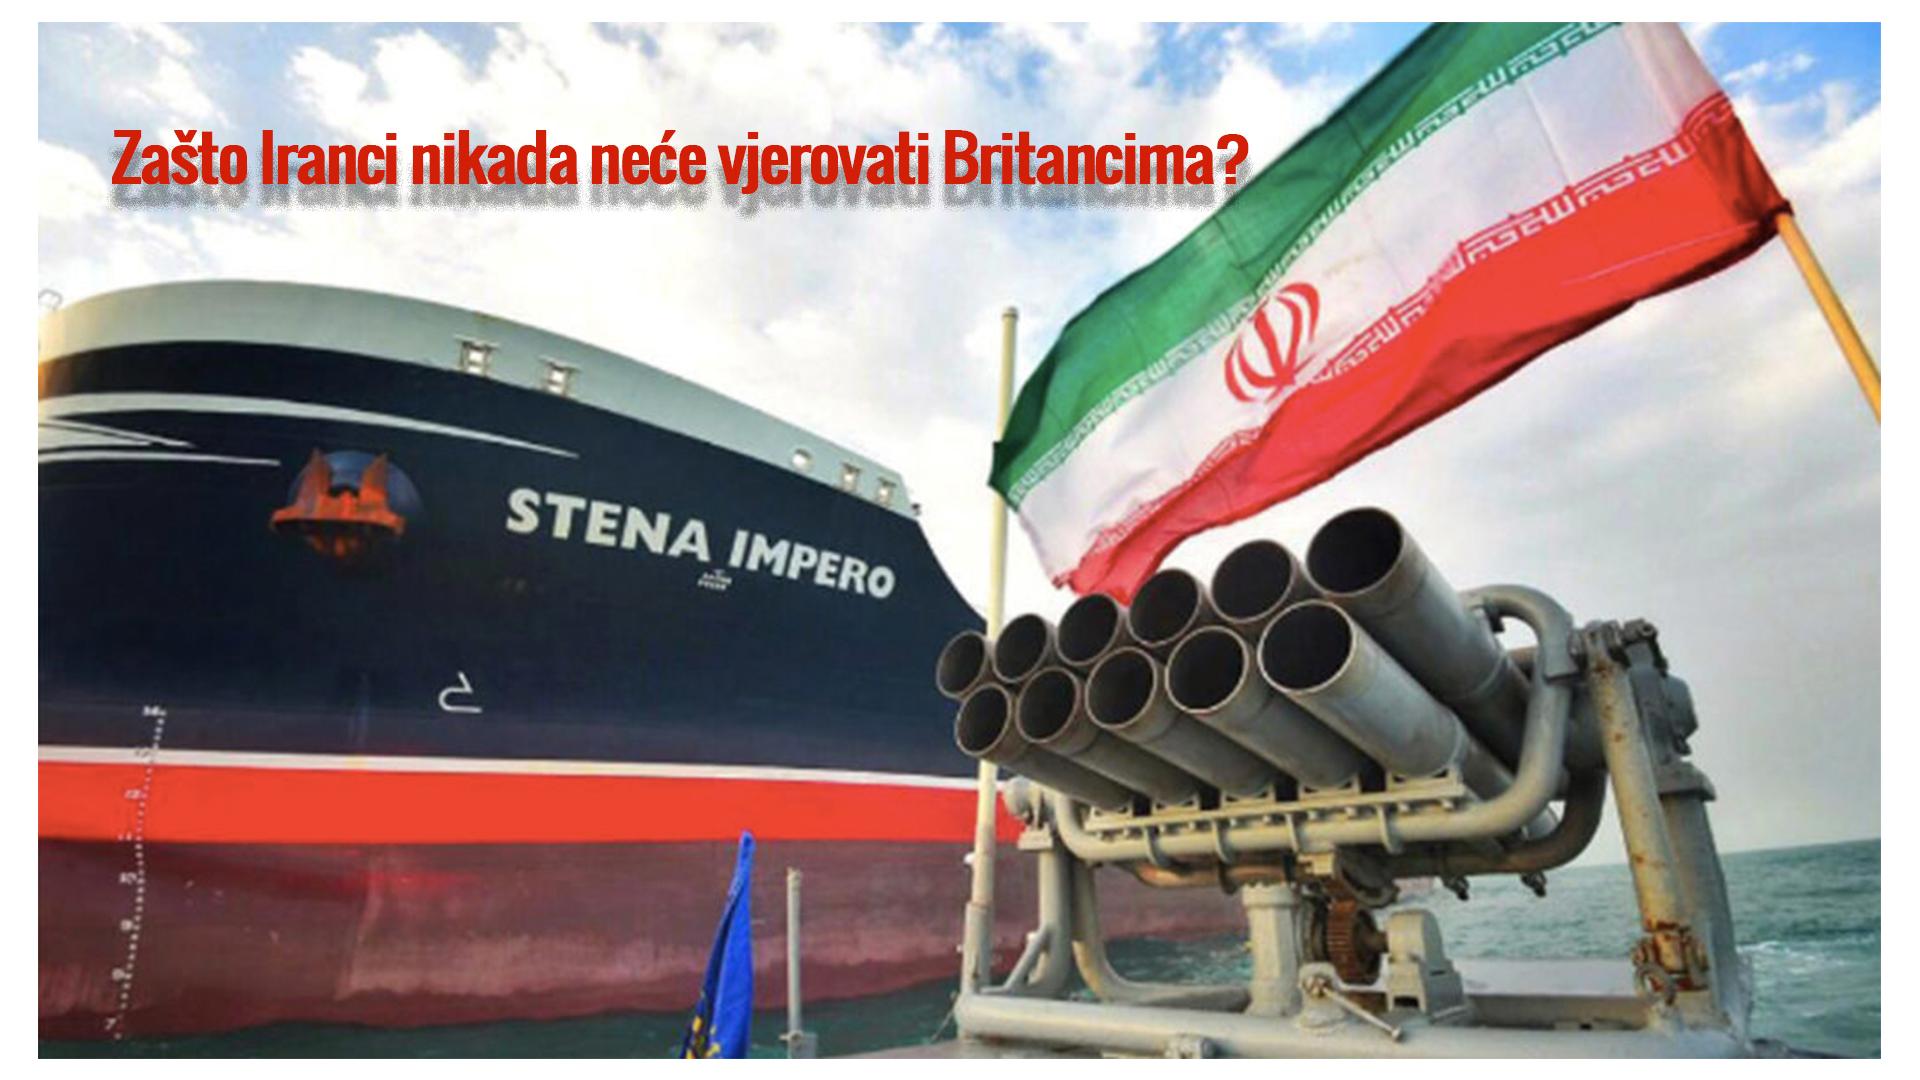 Daily mail – Zašto Iranci nikada neće vjerovati Britancima?